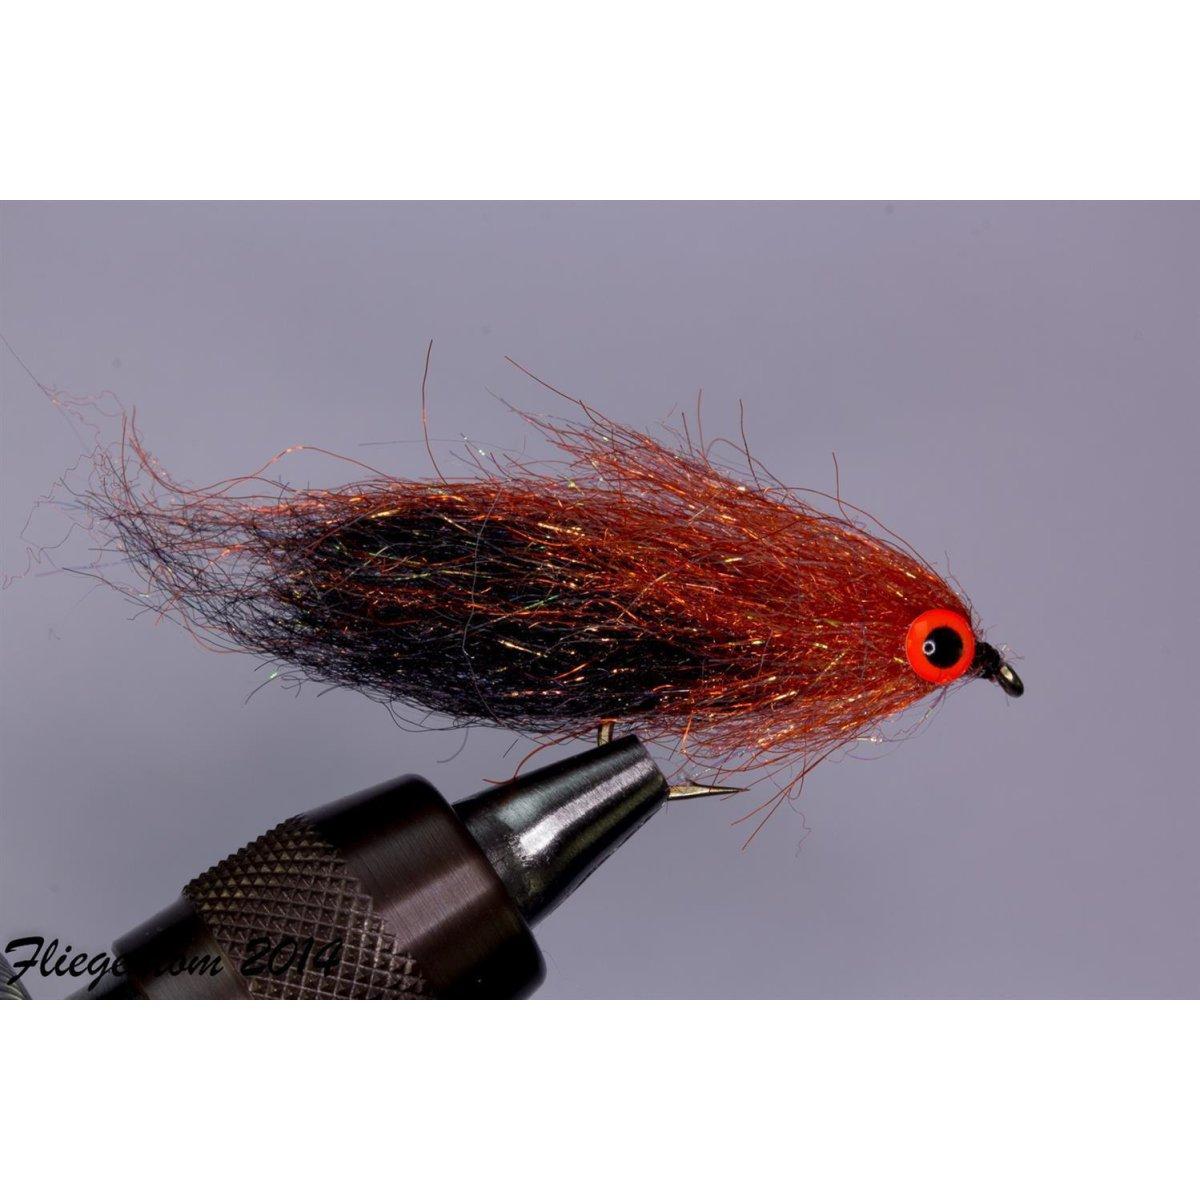 Fliegentom 3 Stück Fischchenstreamer Teufel glänzend